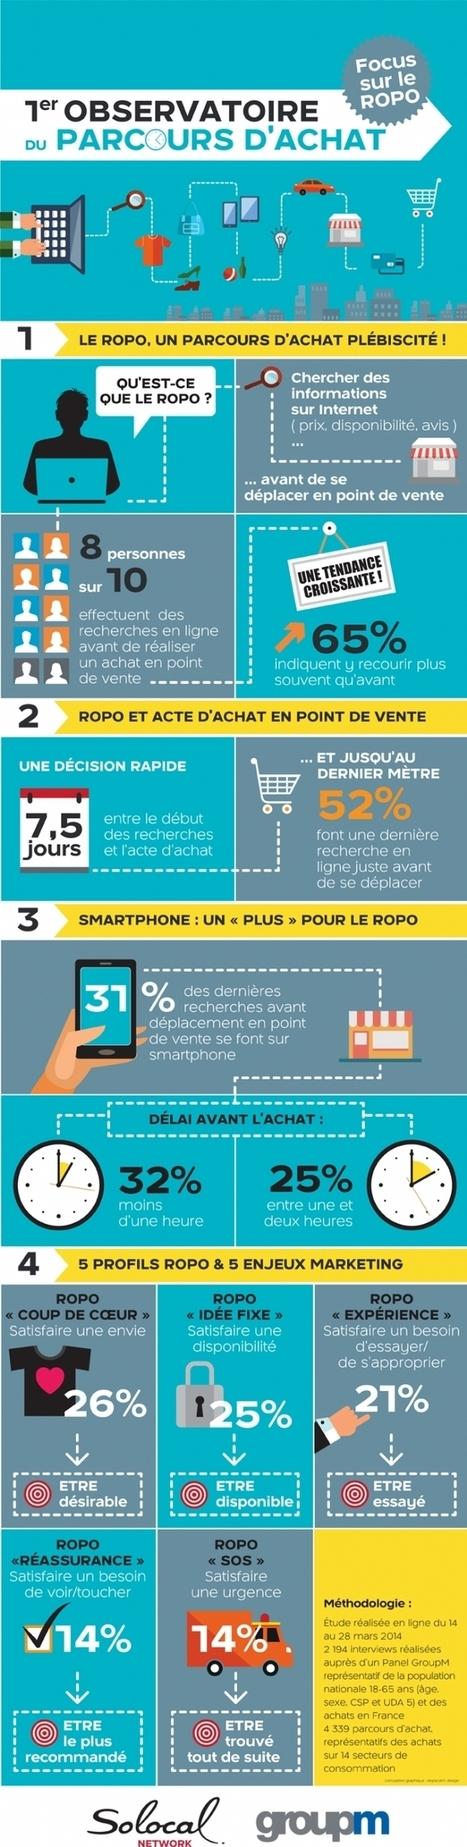 Infographie de l'Observatoire du Parcours d'achat par Solocal - GroupM | notre métier le commerce ! | Scoop.it